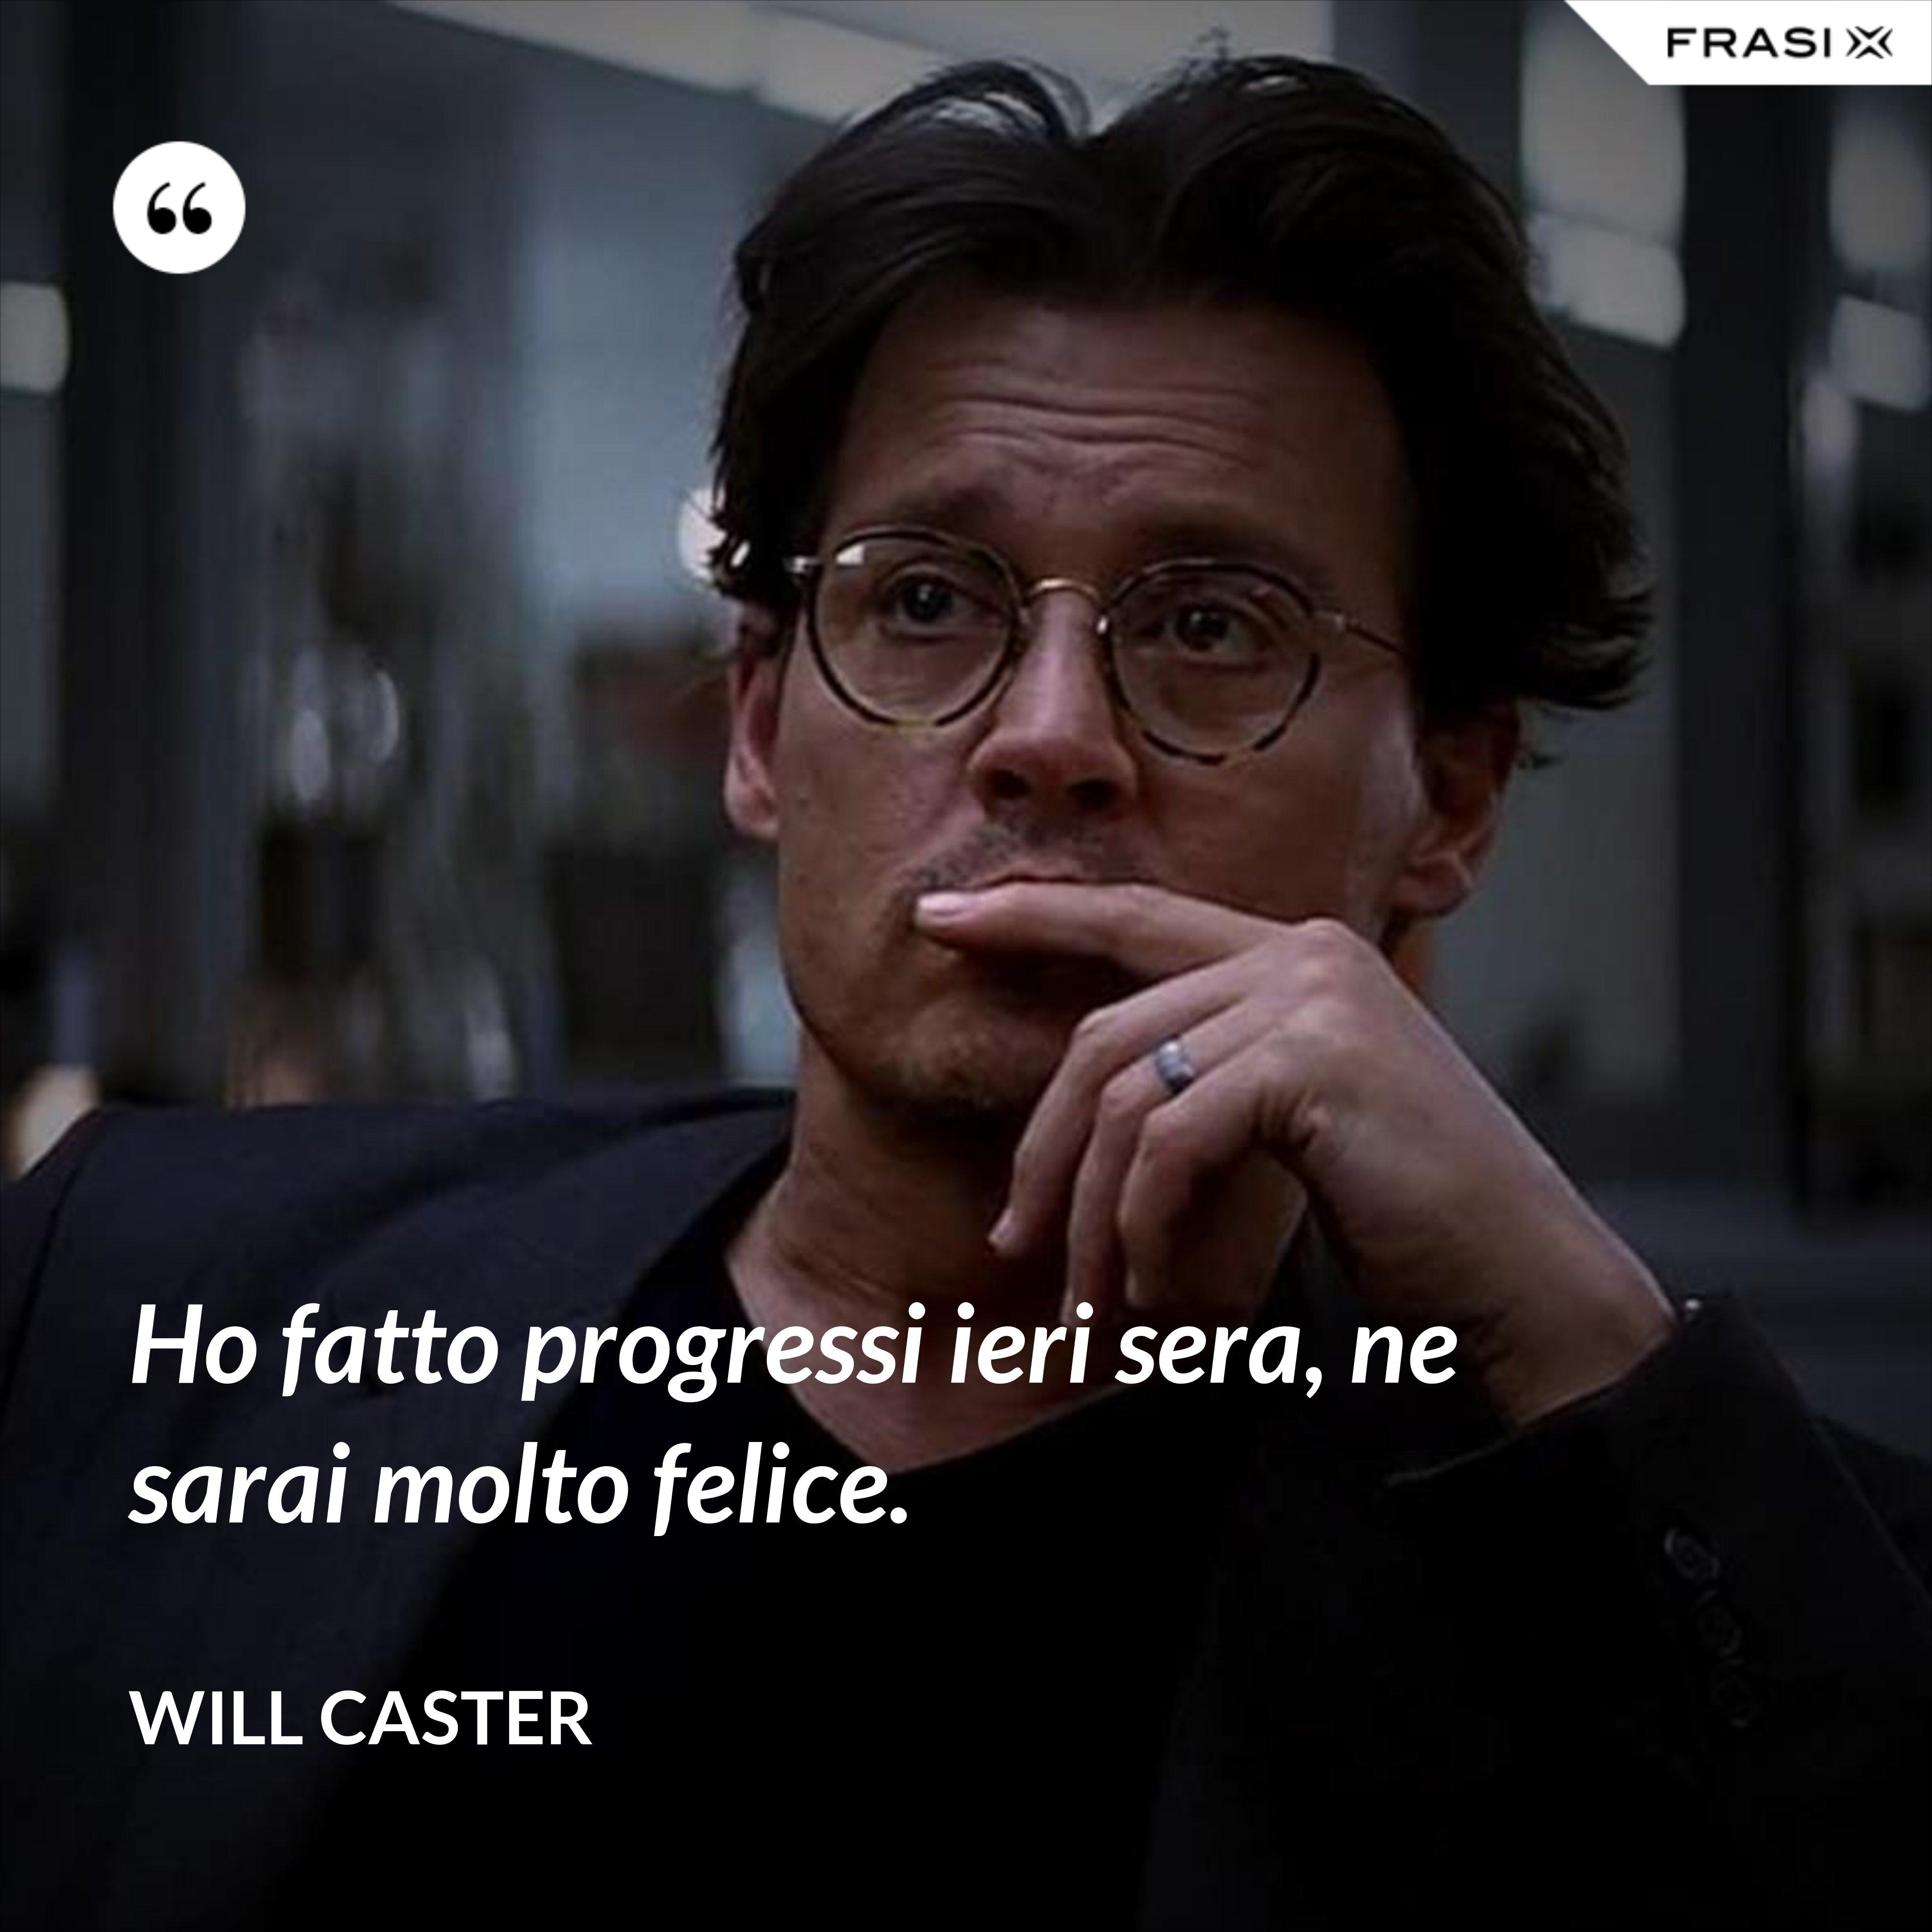 Ho fatto progressi ieri sera, ne sarai molto felice. - Will Caster